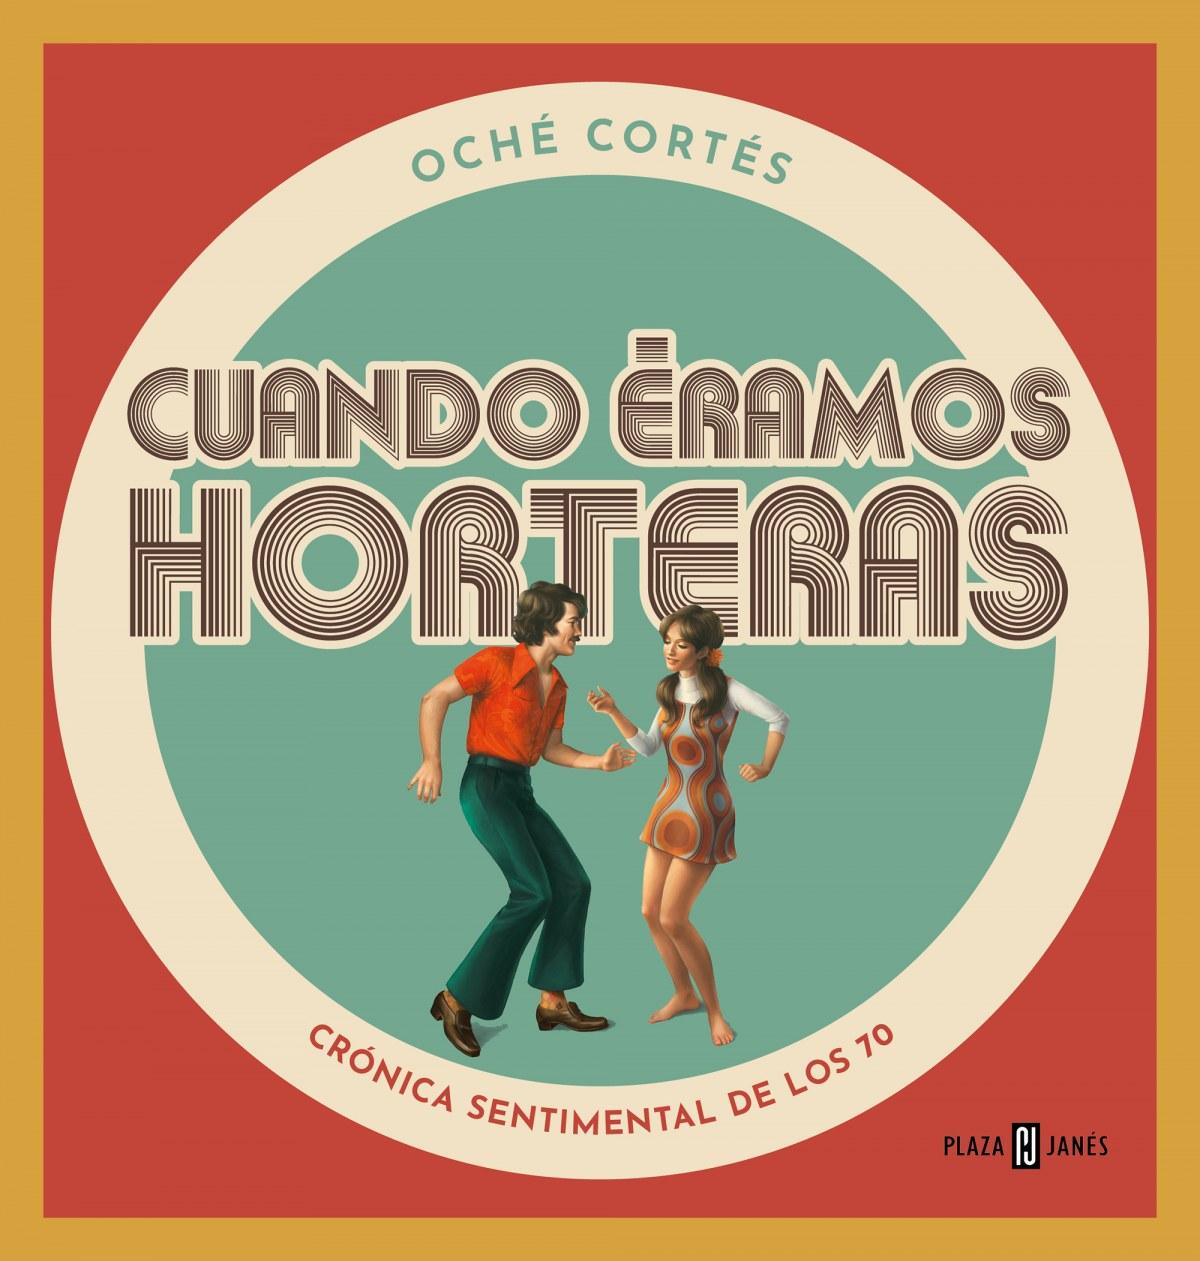 CUANDO ÉRAMOS HORTERAS 9788401024177